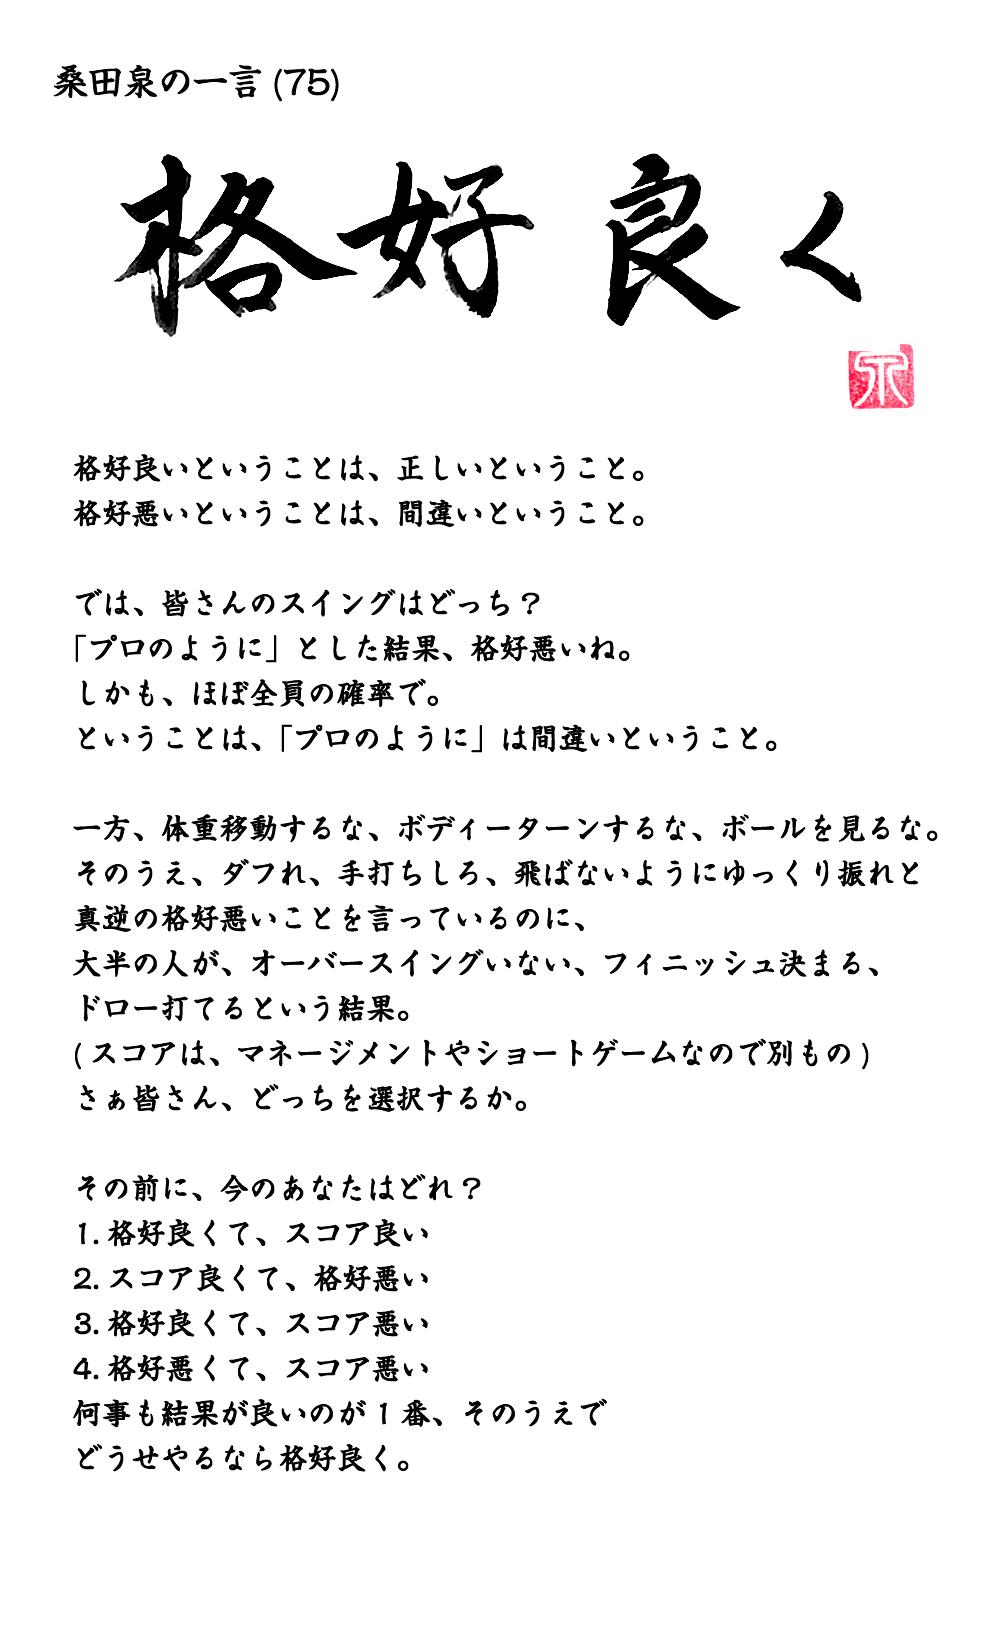 桑田泉の一言 「格好良く」 75_20191021_